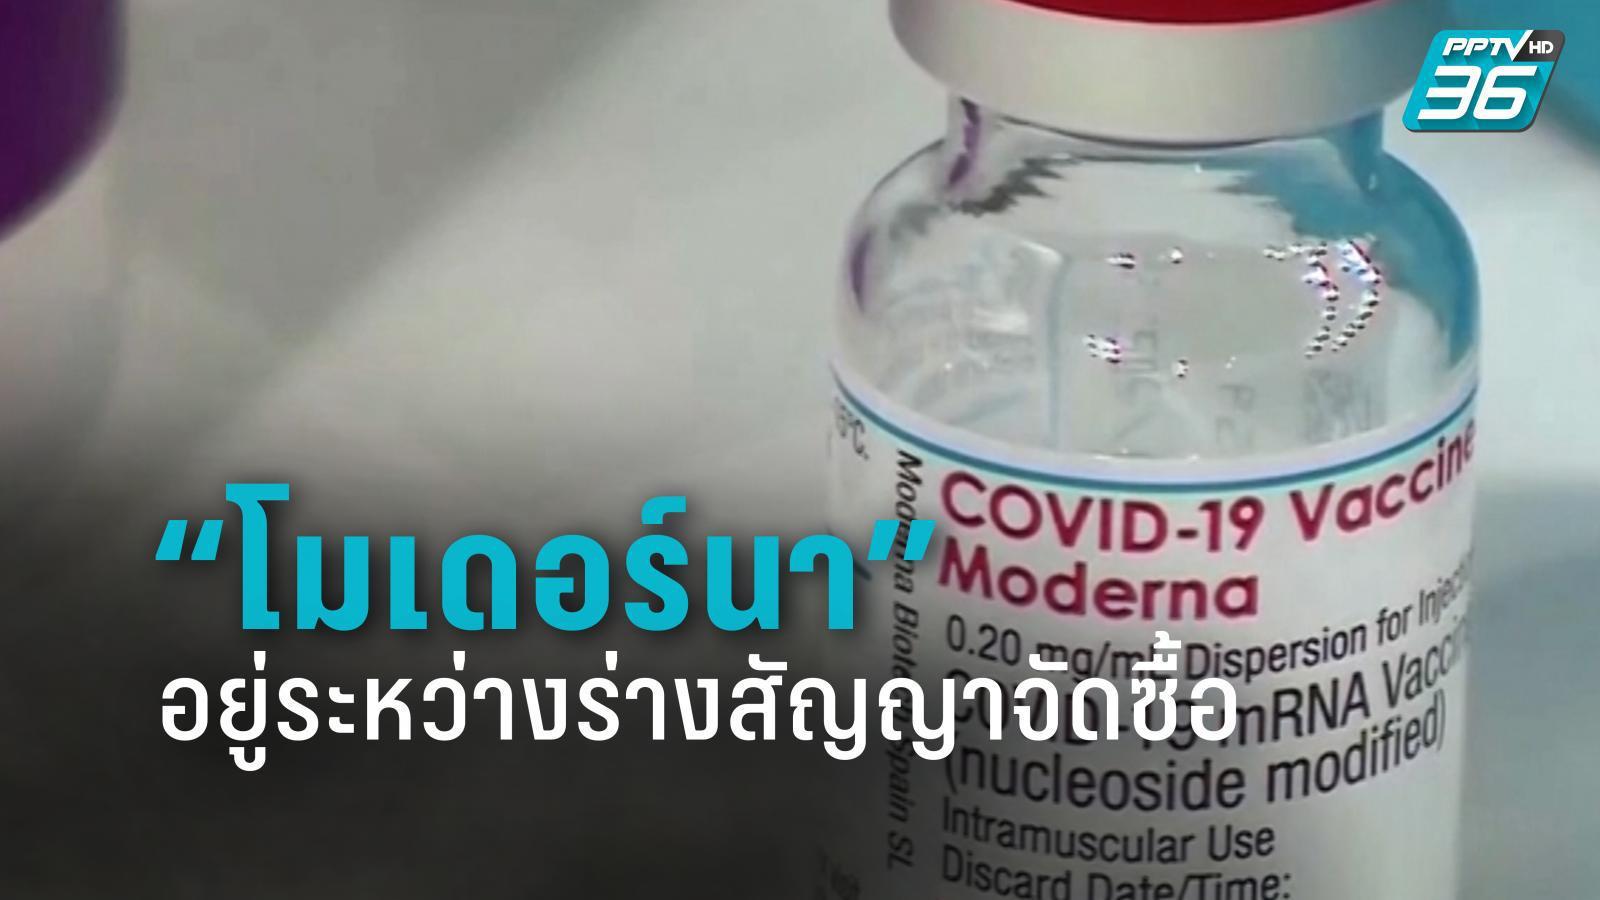 """อภ. แจง วัคซีน """"โมเดอร์นา"""" อยู่ระหว่างร่างสัญญาจัดซื้อ คาดมาไตรมาส 4"""